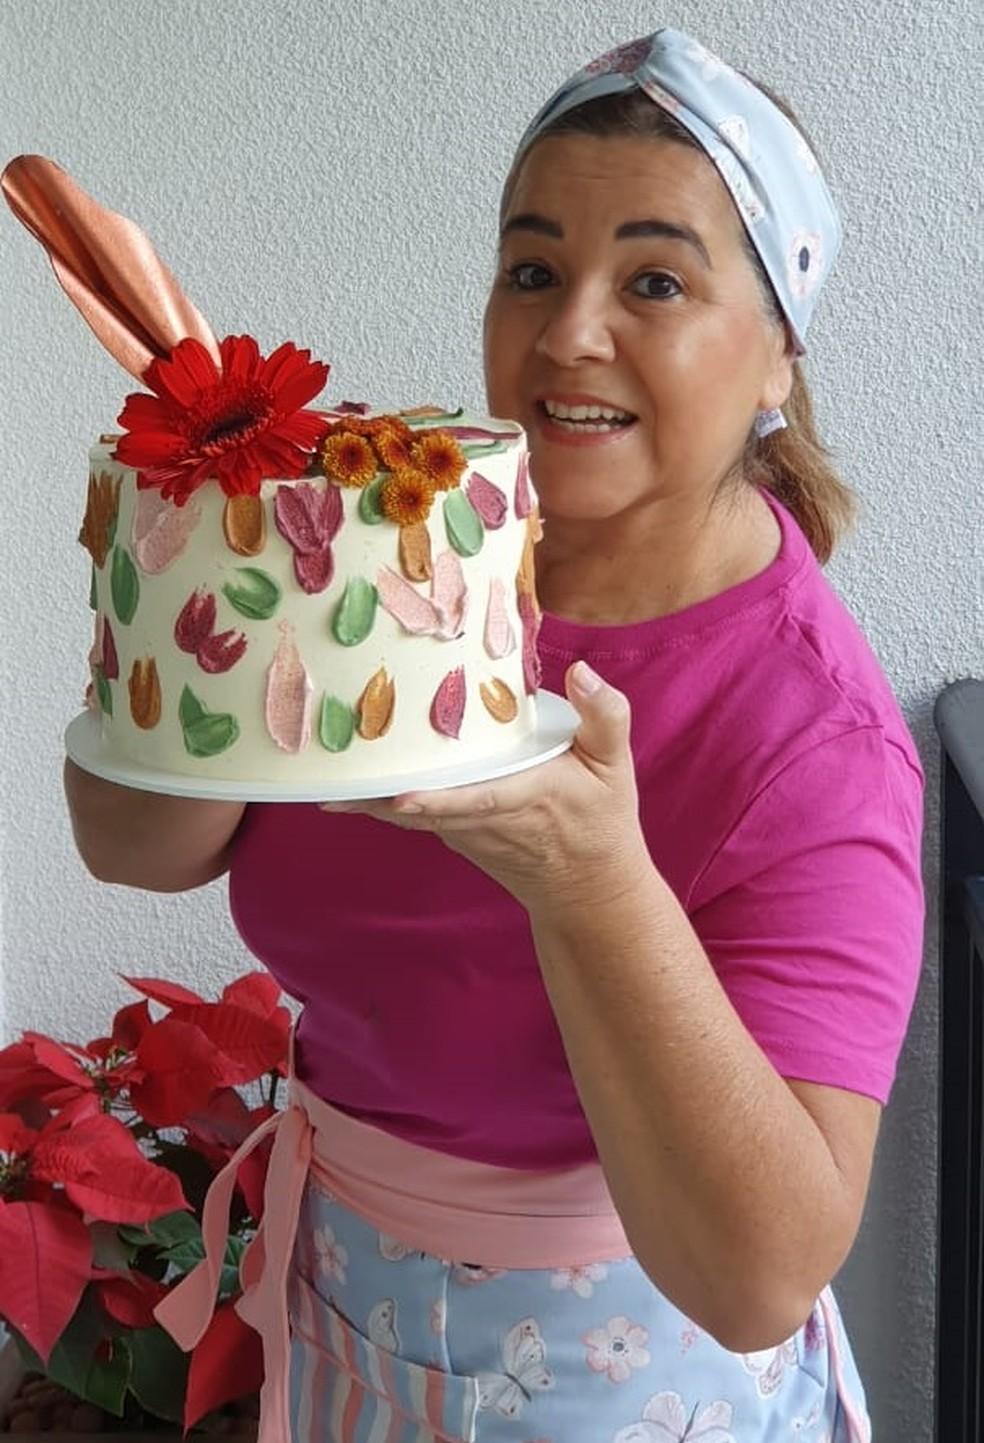 Ana Cristina fez um curso para aprender a fazer bolos artísticos e está faturando com as vendas — Foto: Arquivo pessoal